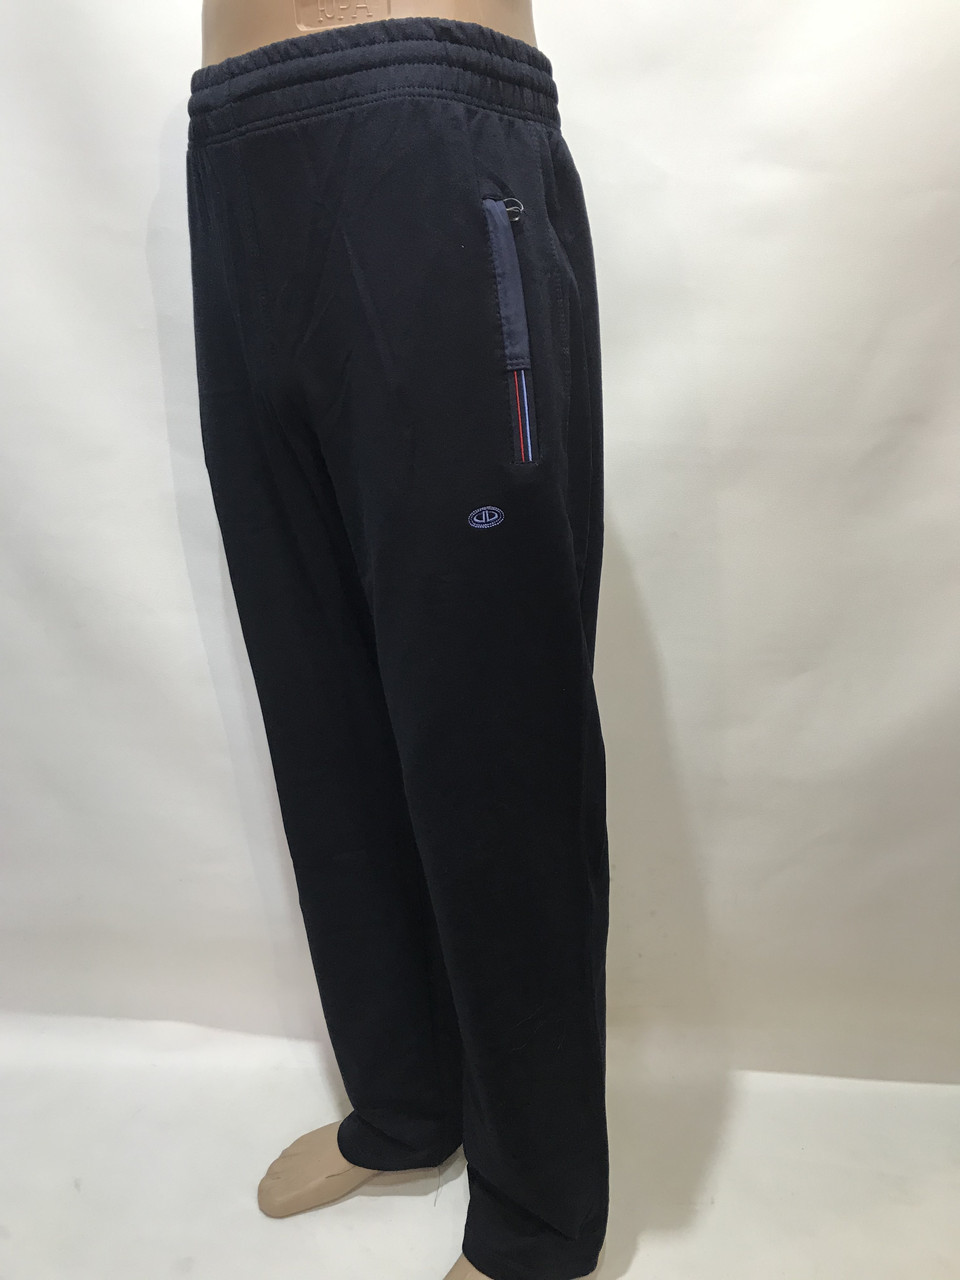 Спортивные штаны прямые Billcee р. L  отличного качества темно-синие